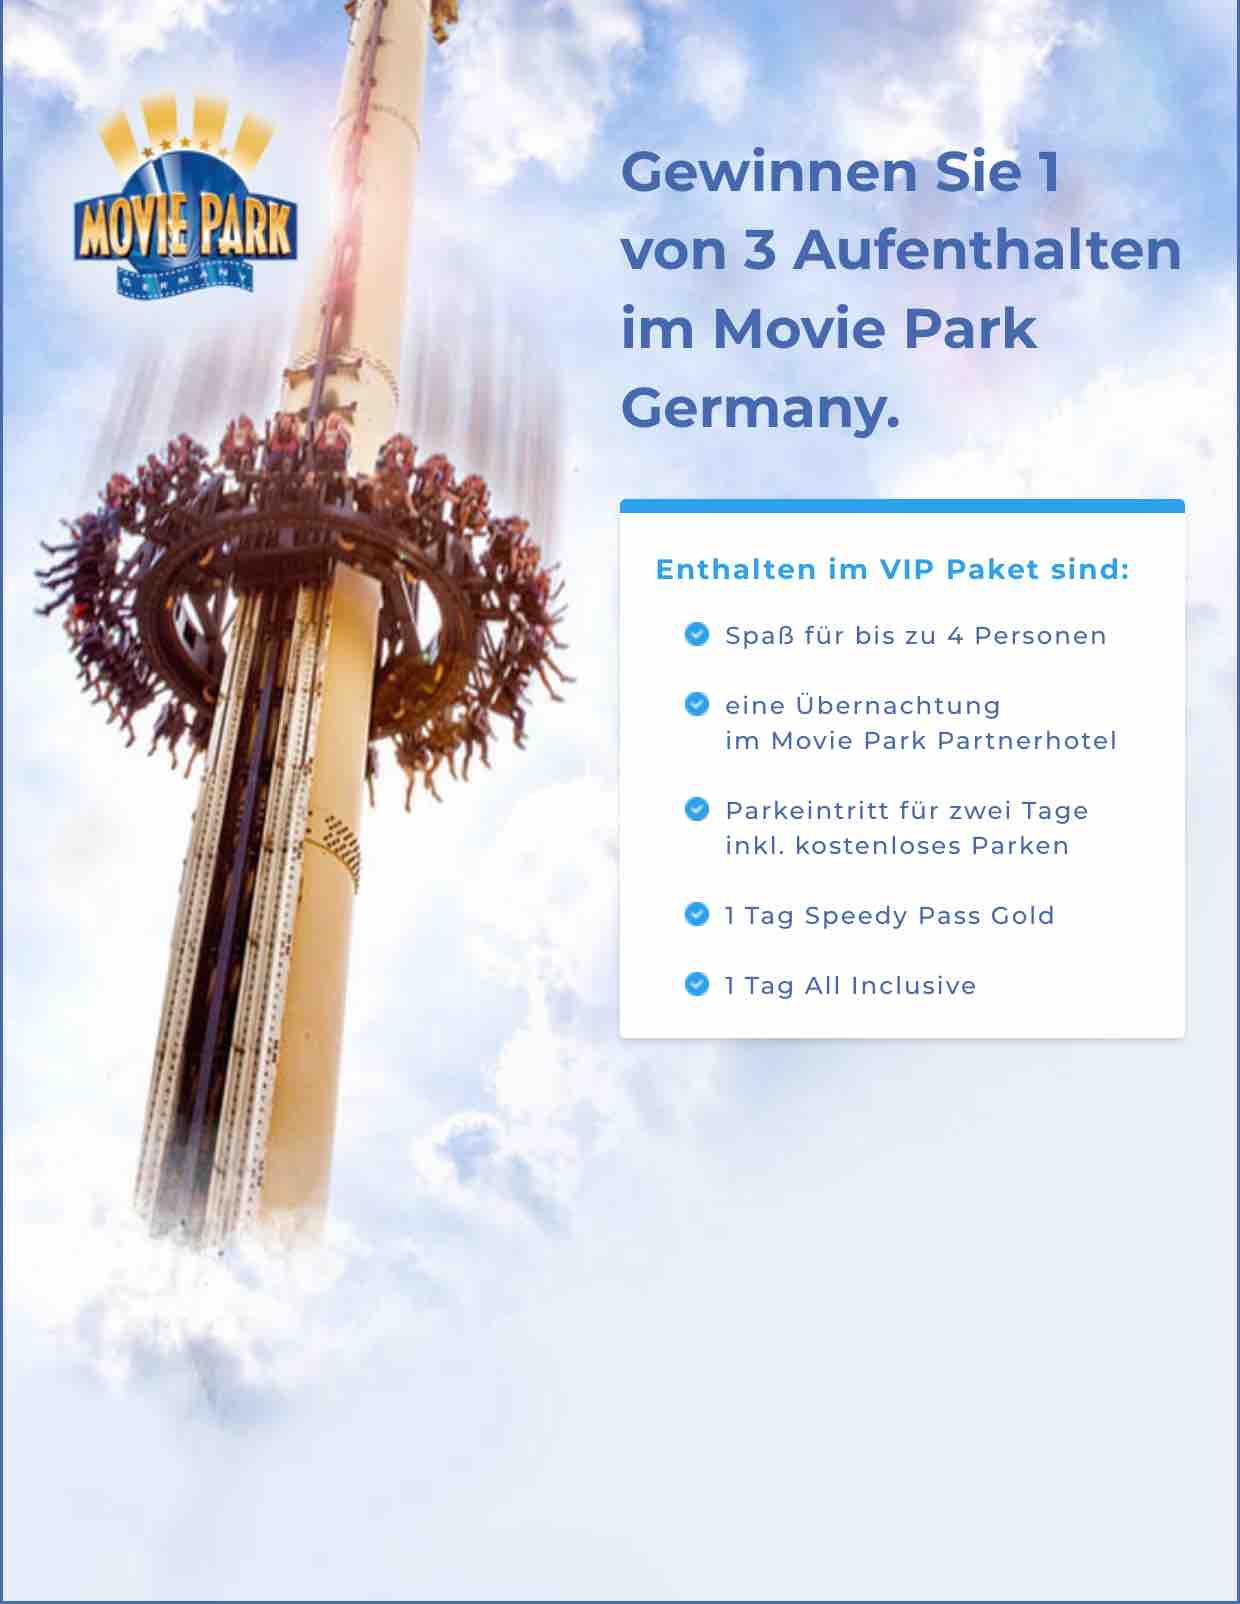 Movie Park Gewinnspiel